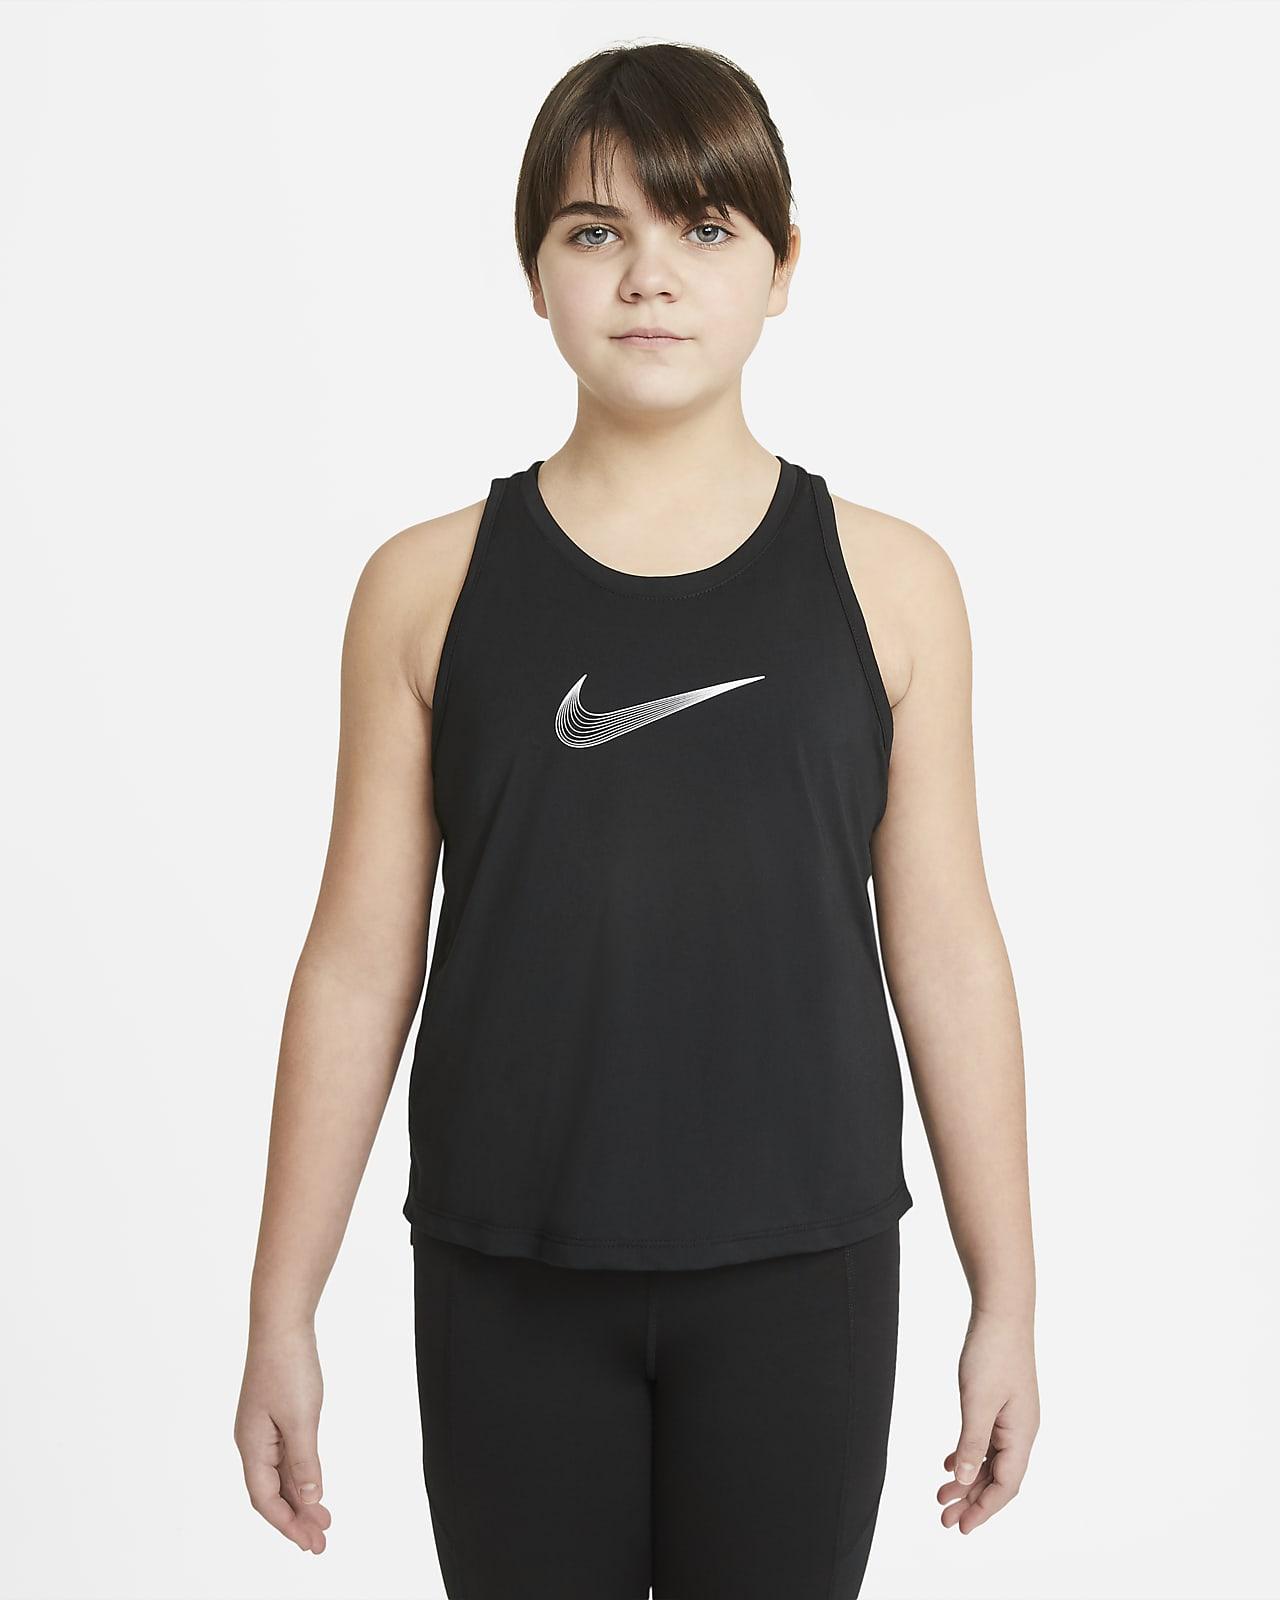 Майка для тренинга для девочек школьного возраста Nike Dri-FIT Trophy (расширенный размерный ряд)